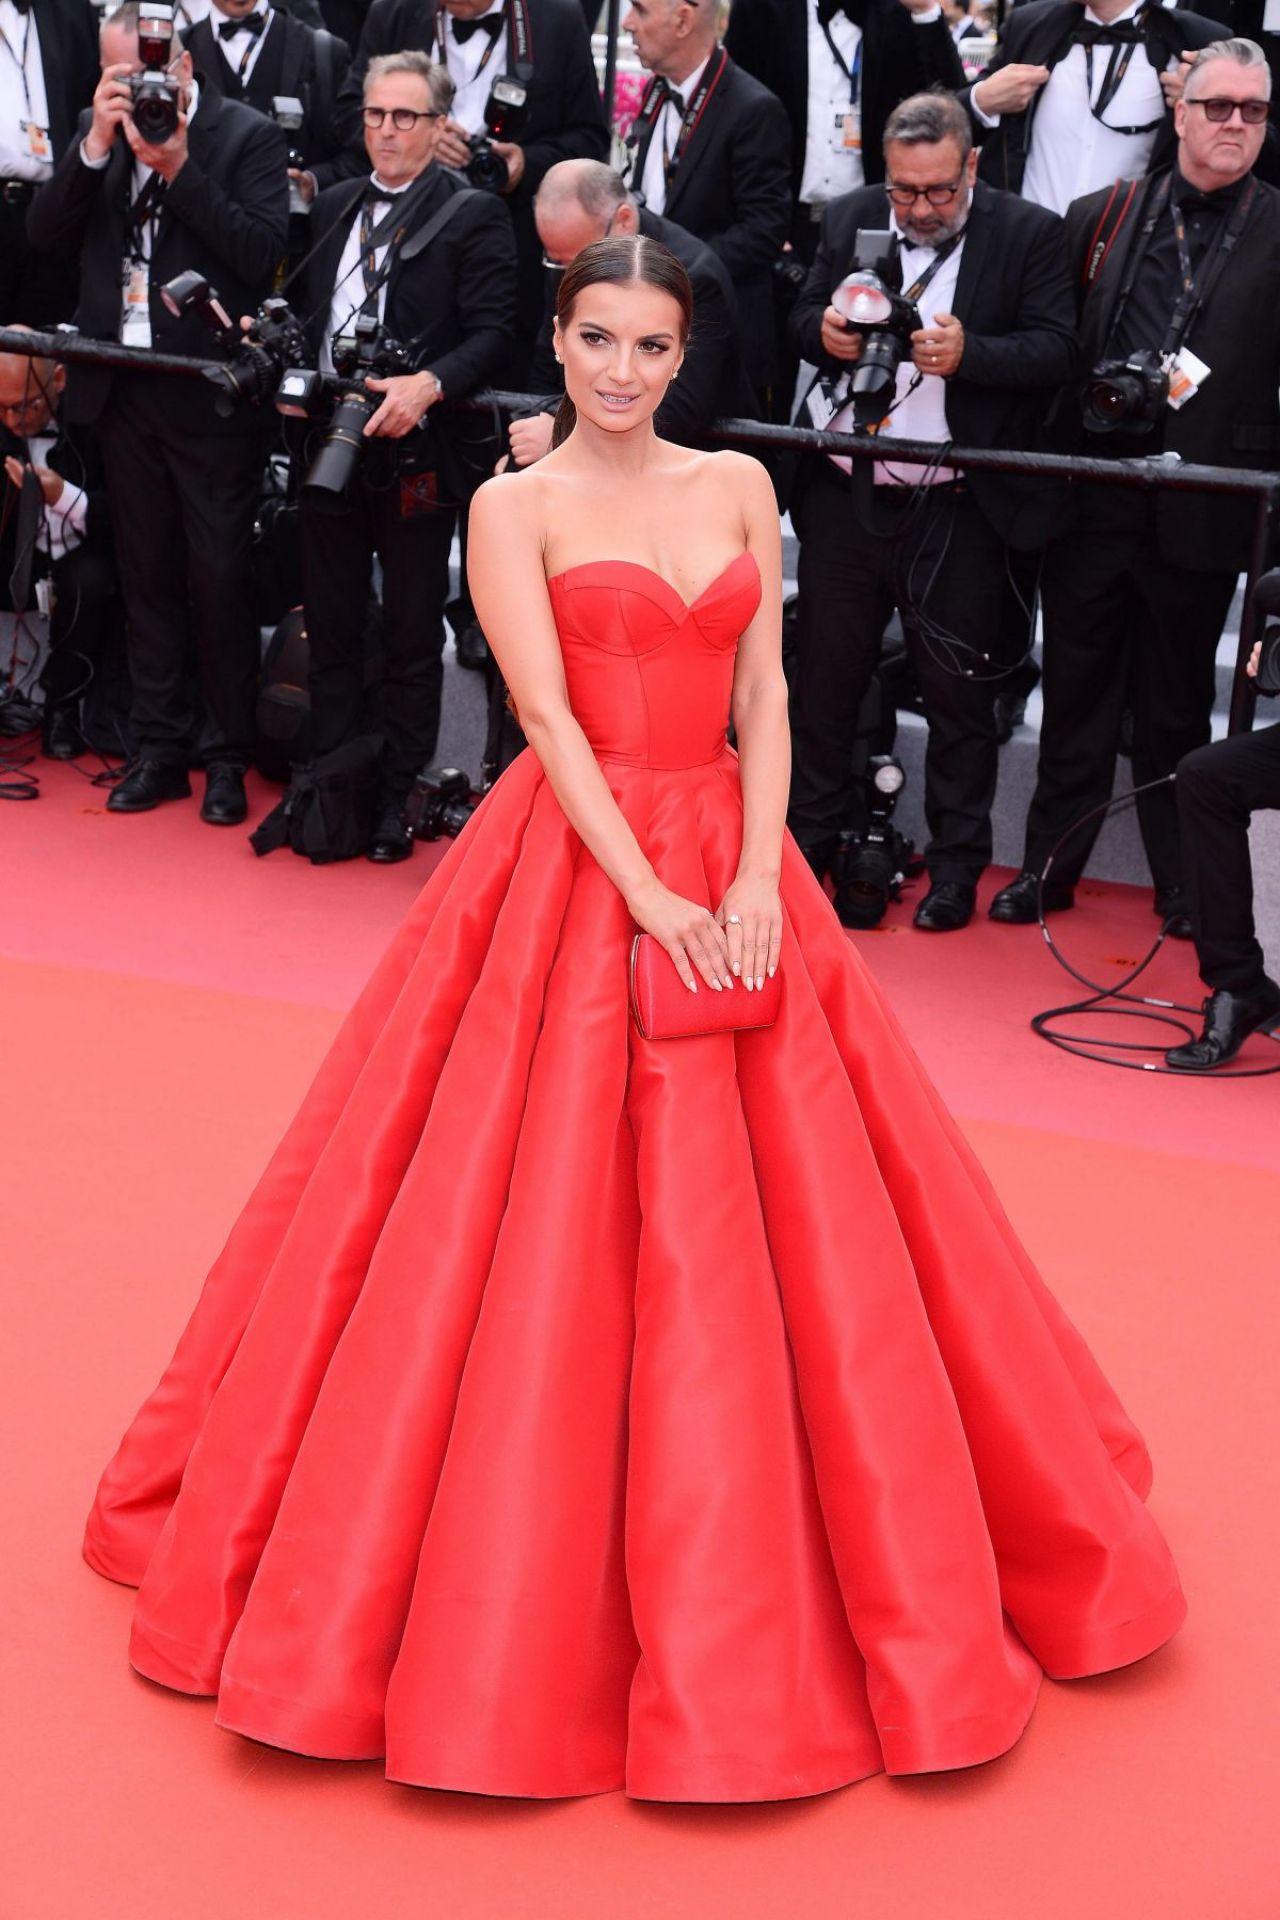 Natalia Janoszek Ndash 2019 Cannes Film Festival Opening Ceremony